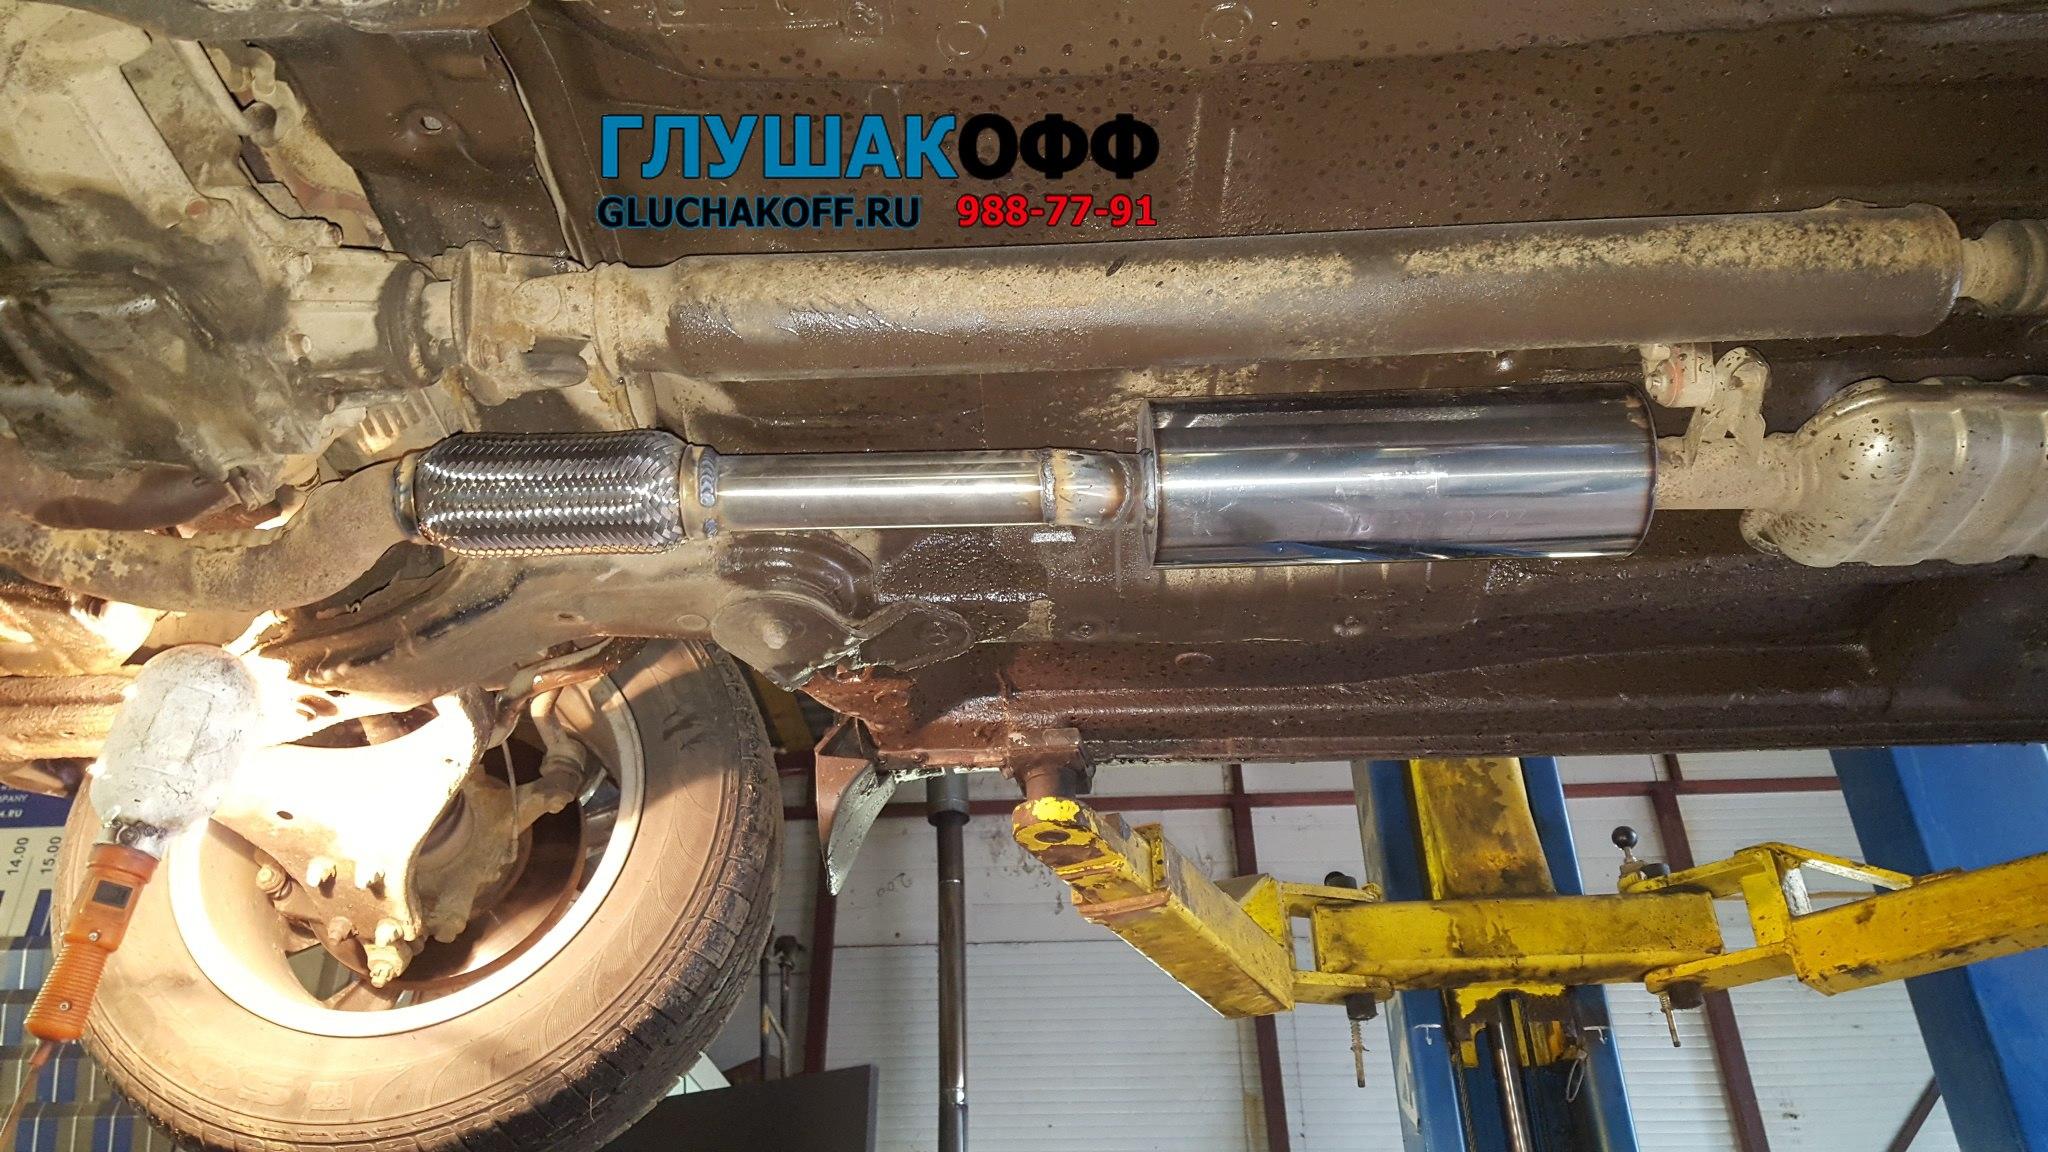 Hyundai Tucson 2.7 - Замена катализаторов на пламегасители